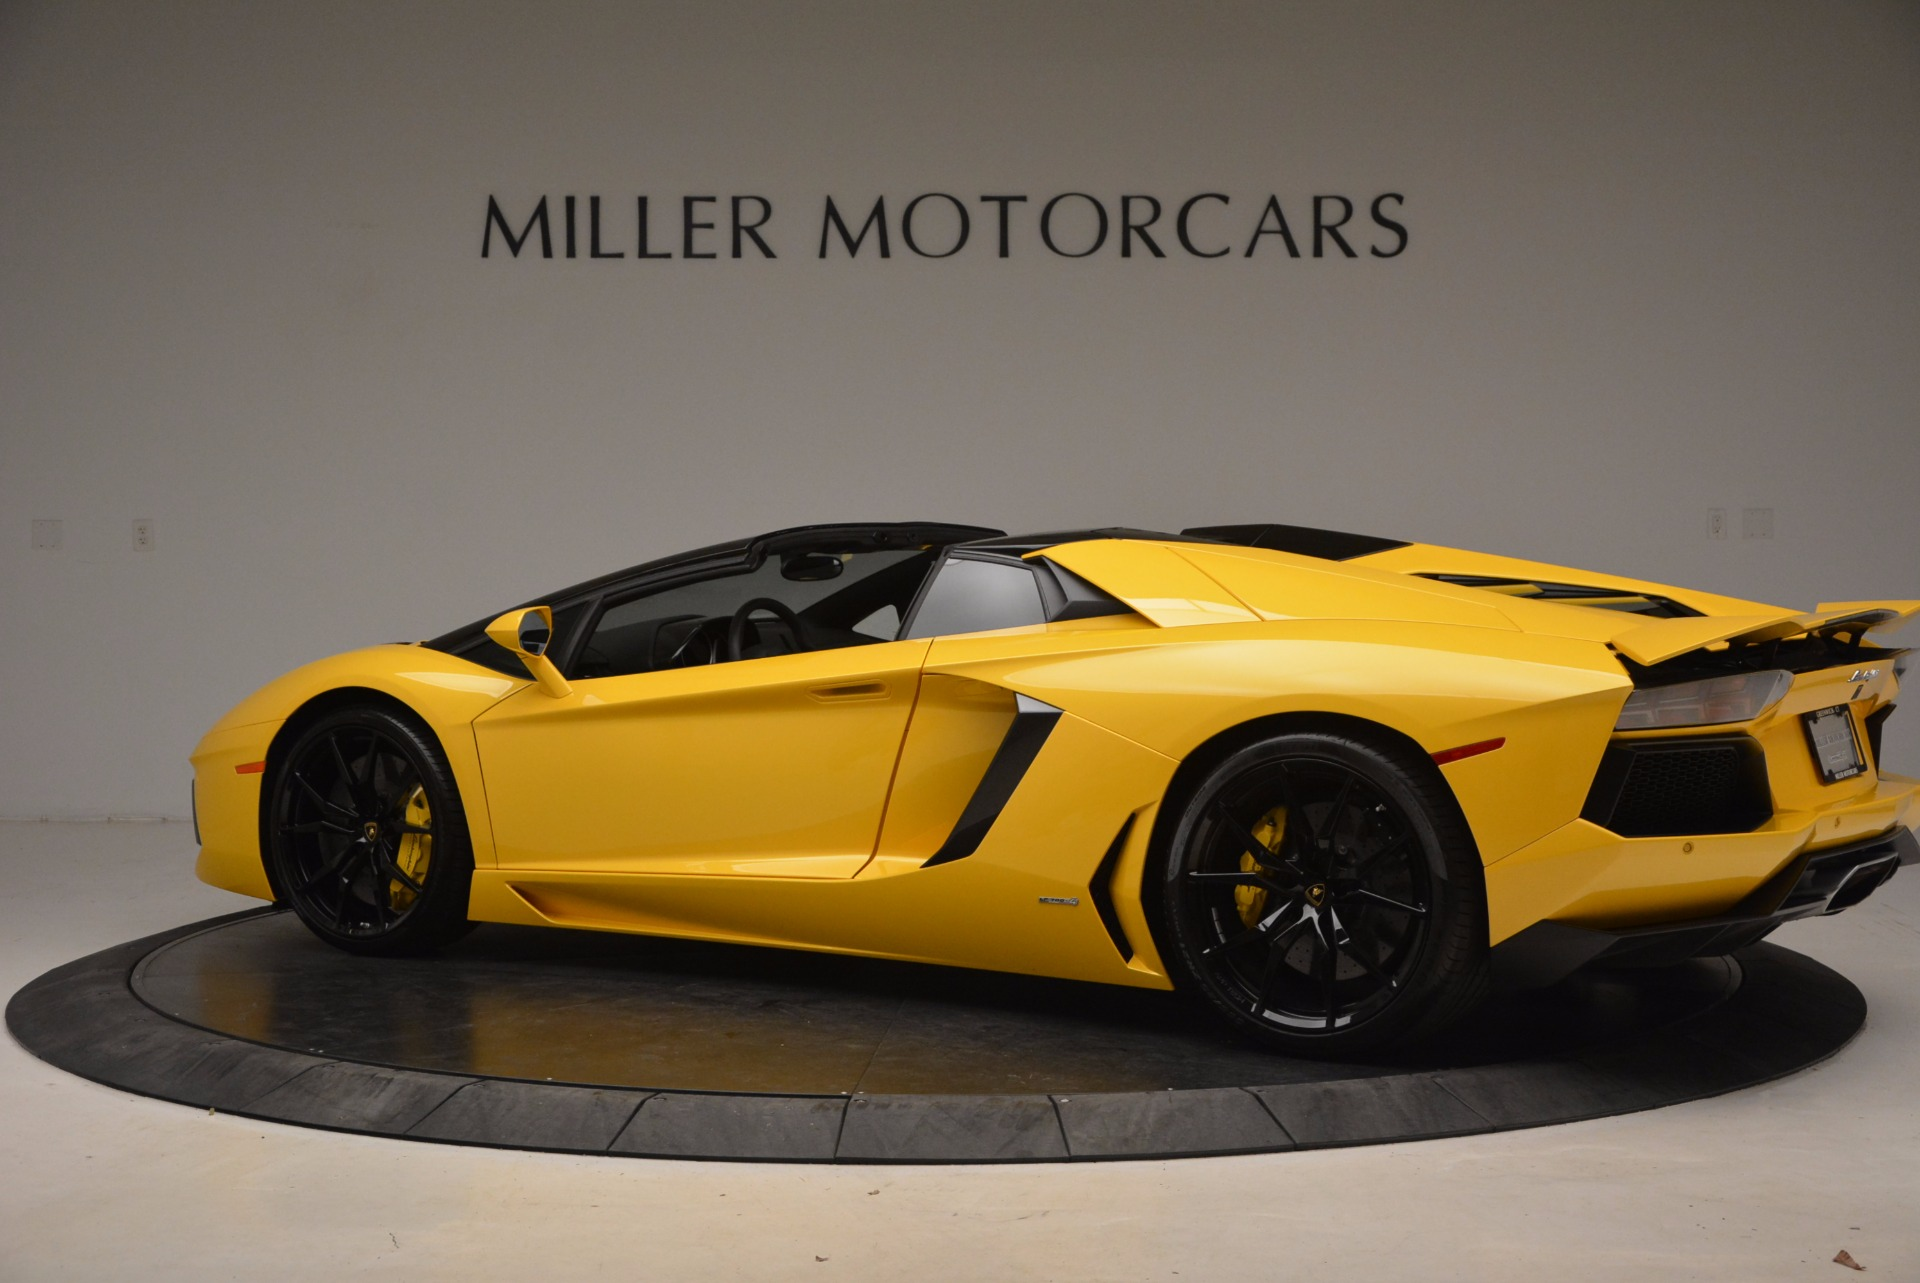 Used 2015 Lamborghini Aventador LP 700-4 Roadster For Sale In Greenwich, CT 1774_p4